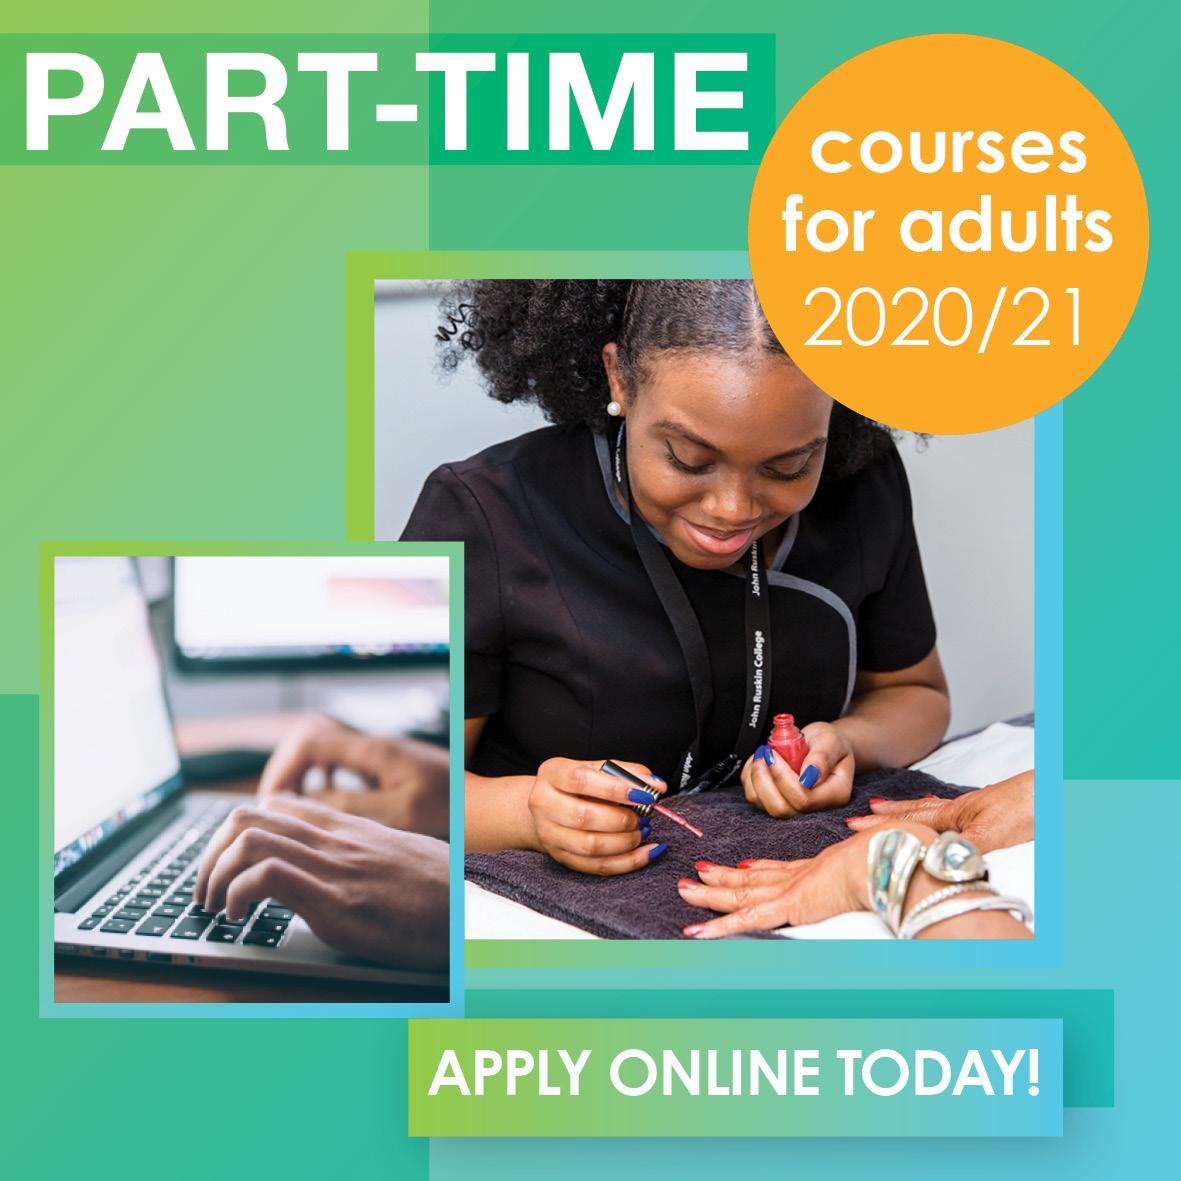 Part-time Courses 2020-21